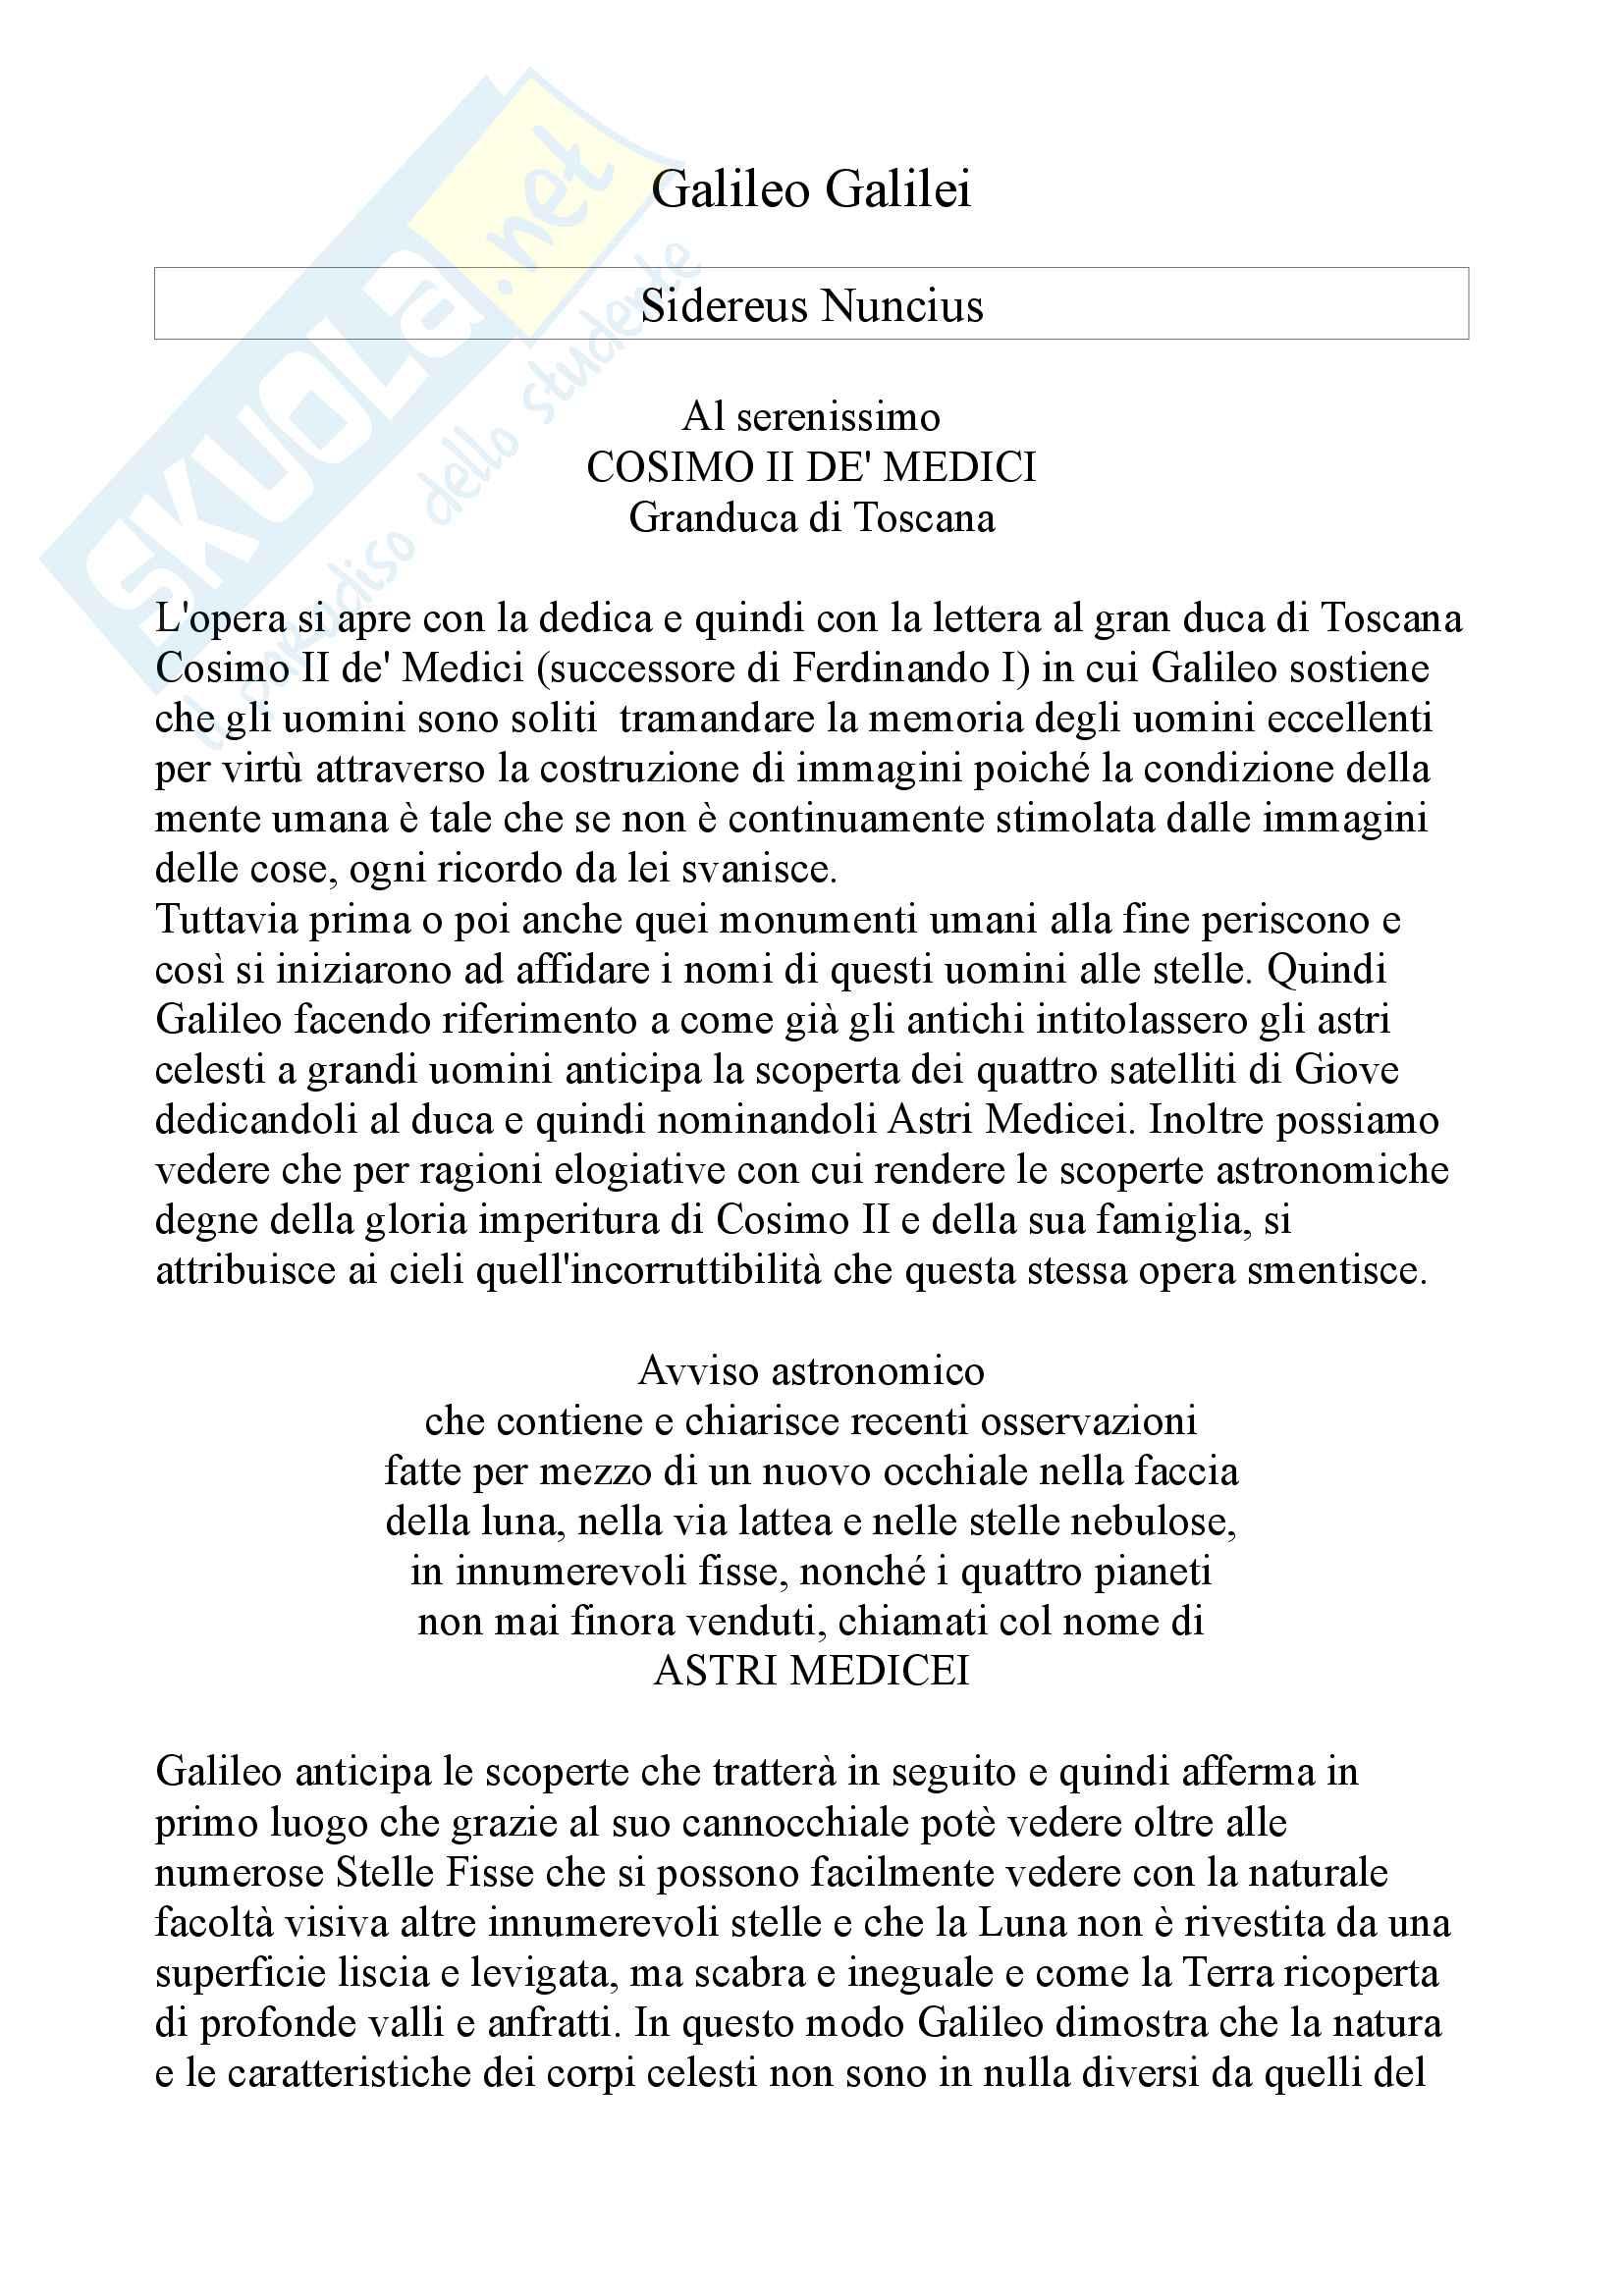 Riassunto Esame Letteratura Italiana Secoli XVII-XIX, docente Attilio Bettinzoli, libro consigliato Sidereus Nuncius di Galileo Galilei